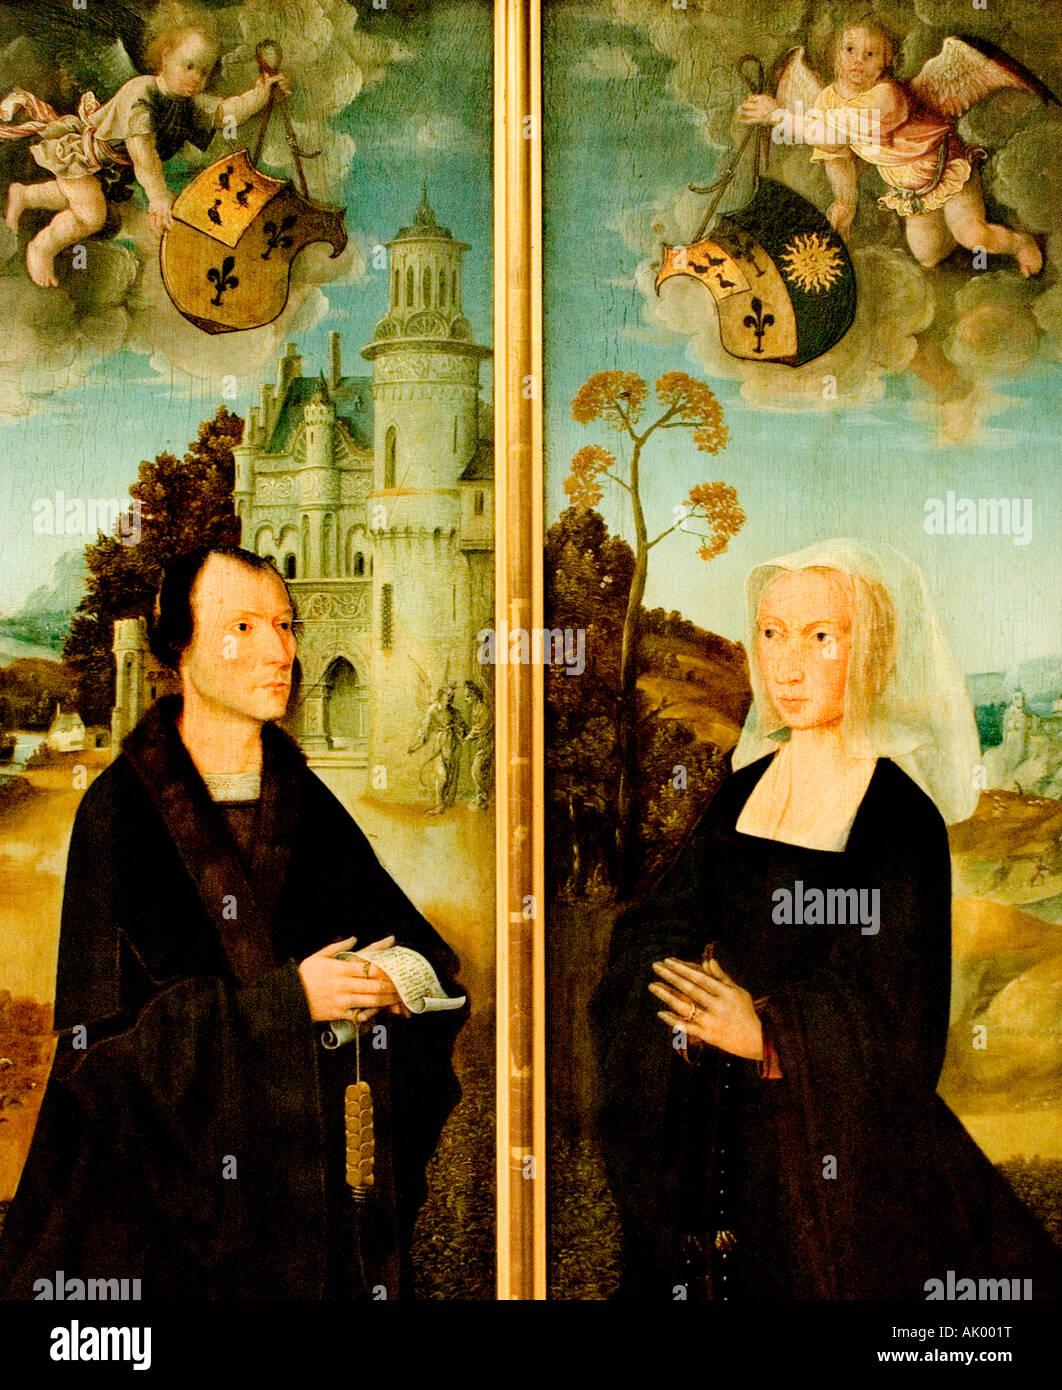 Coswijn van der Weyden 1465 1538  Portraits of Frans Colibrant town clerk of the town Antwerp and his wife Lysbeth - Stock Image